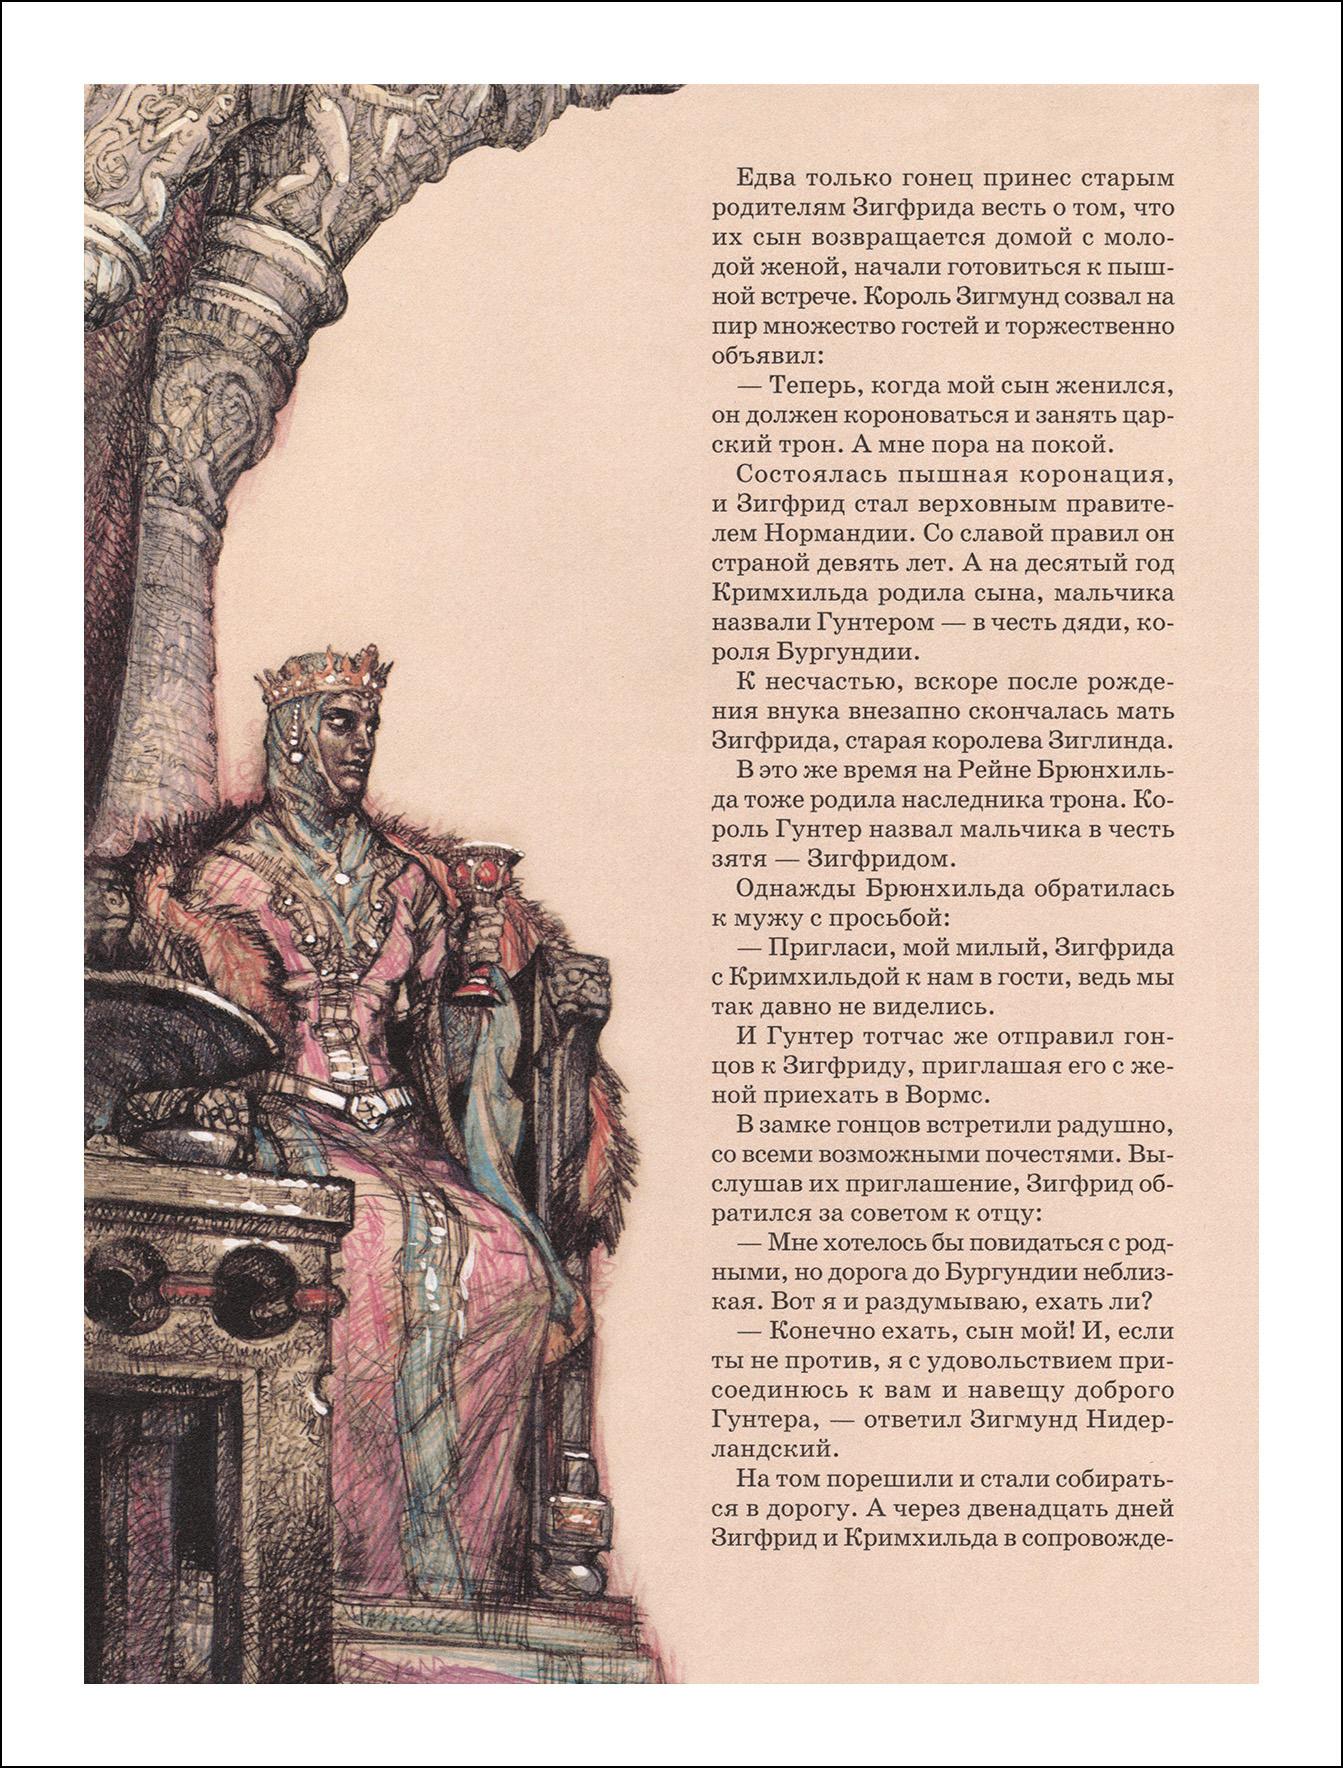 Владимир Третьяков, Песнь о нибелунгах